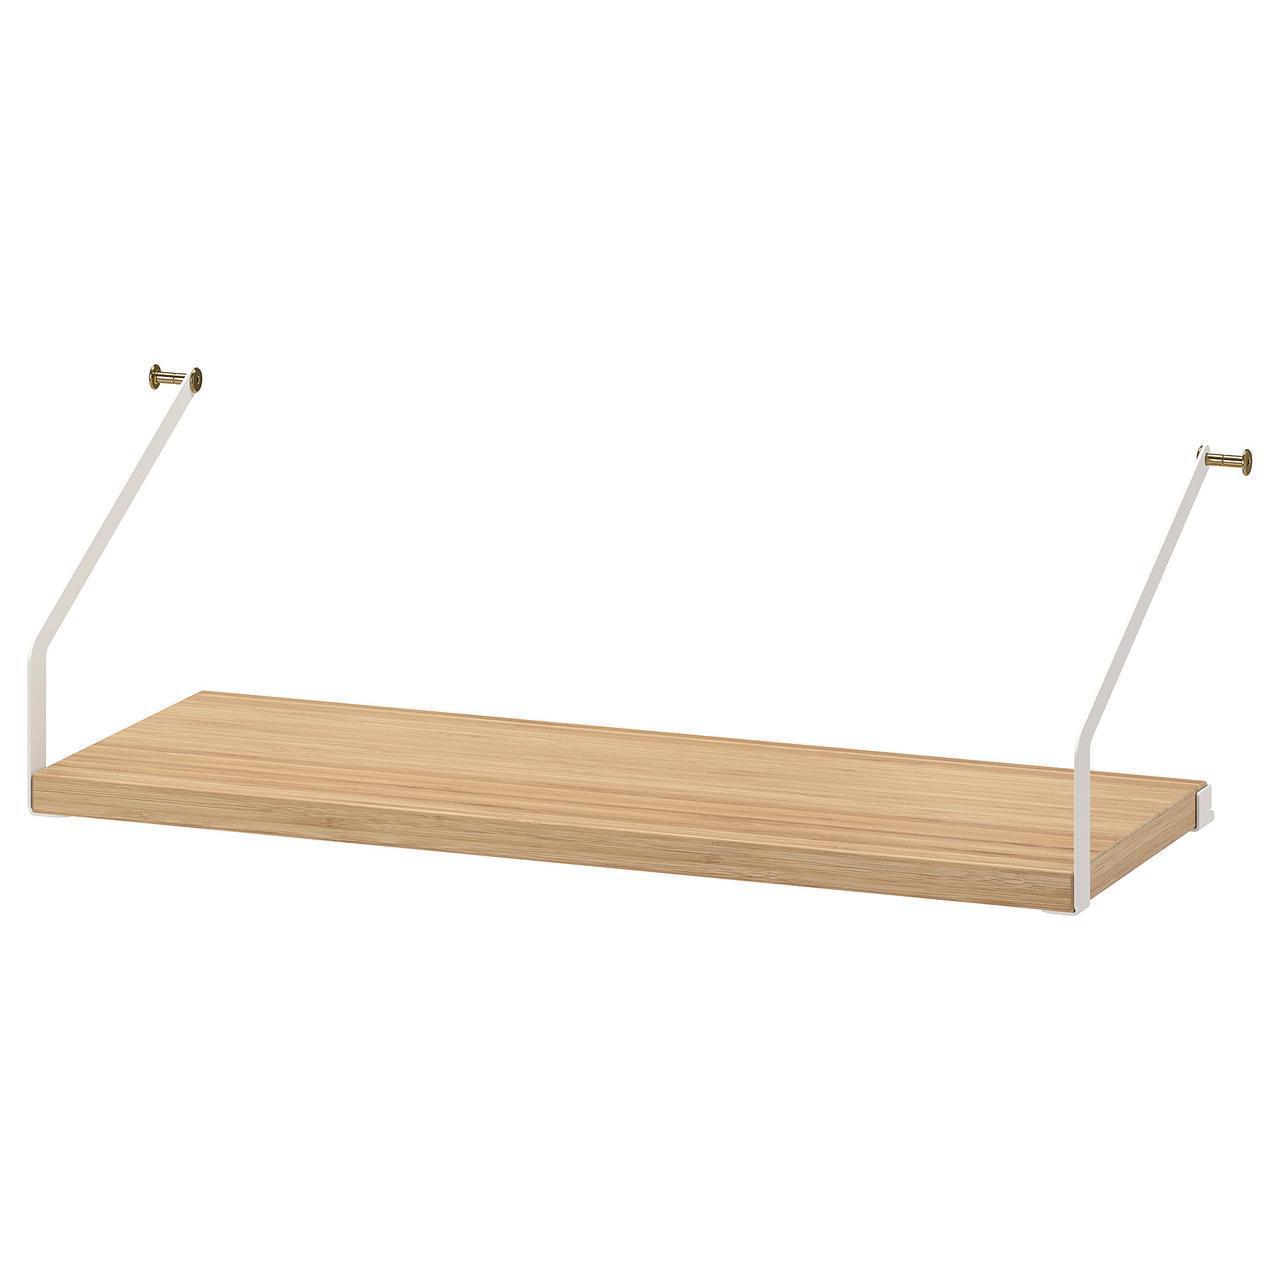 Полка IKEA SVALNÄS 61x25 см бамбук 003.228.59